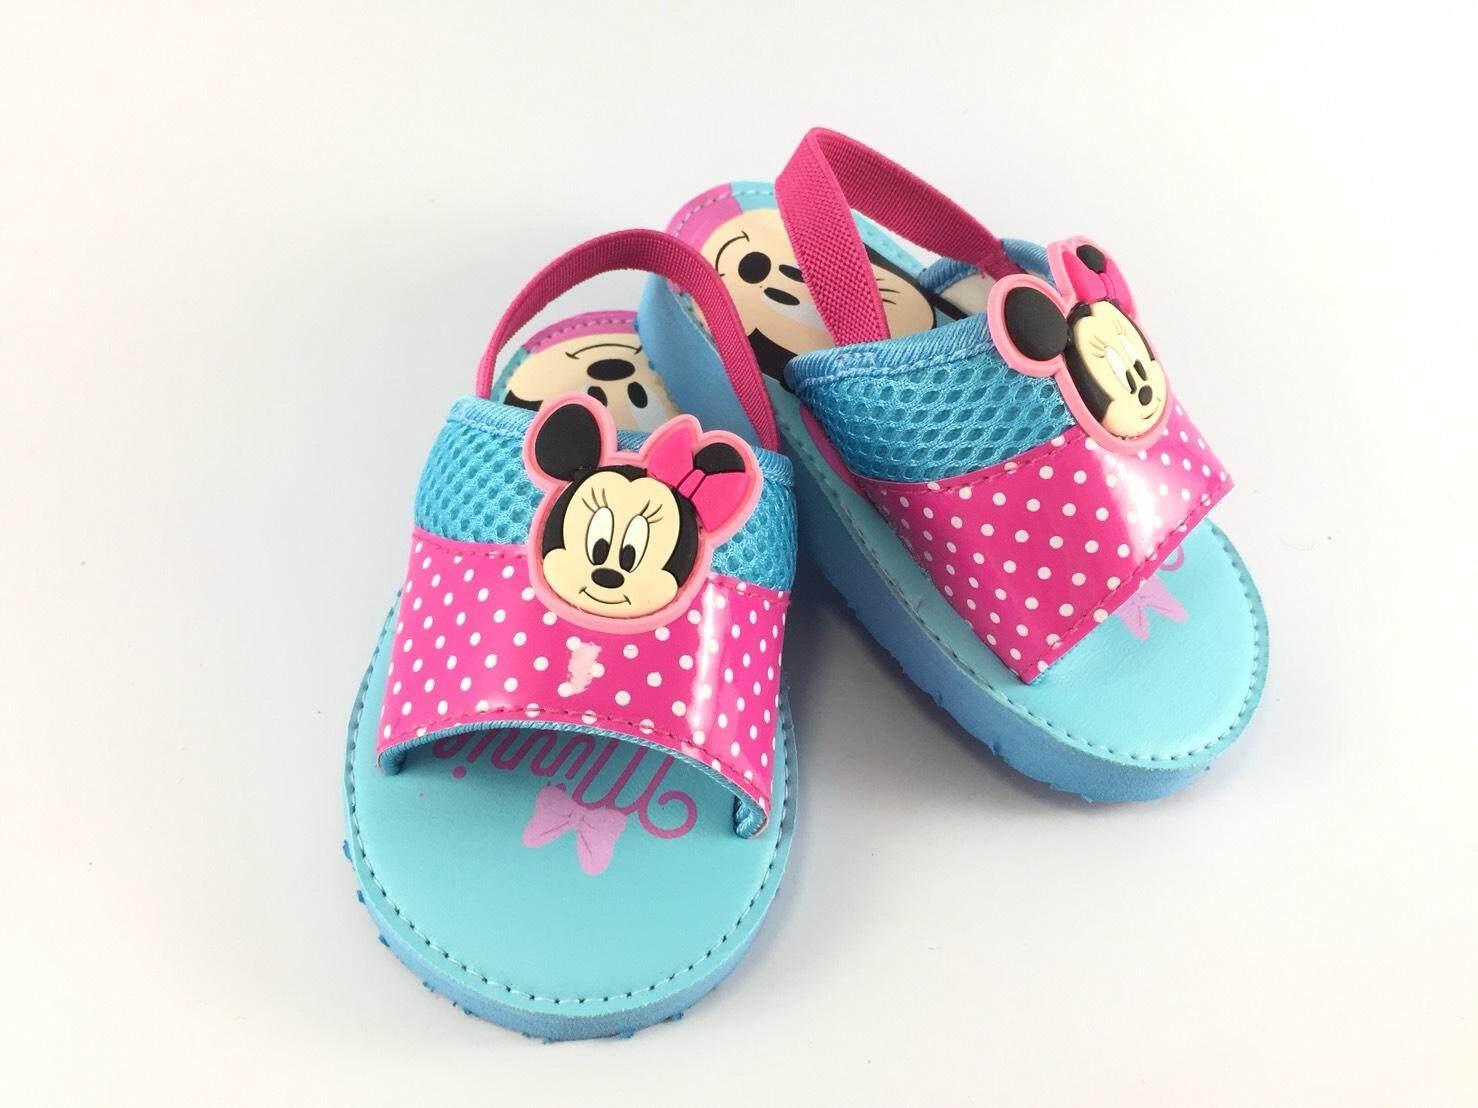 รองเท้าแตะeva สวมรัดส้นเด็กหัดเดิน ลาย Baby Minnie By Shou Group International Co.,ltd..